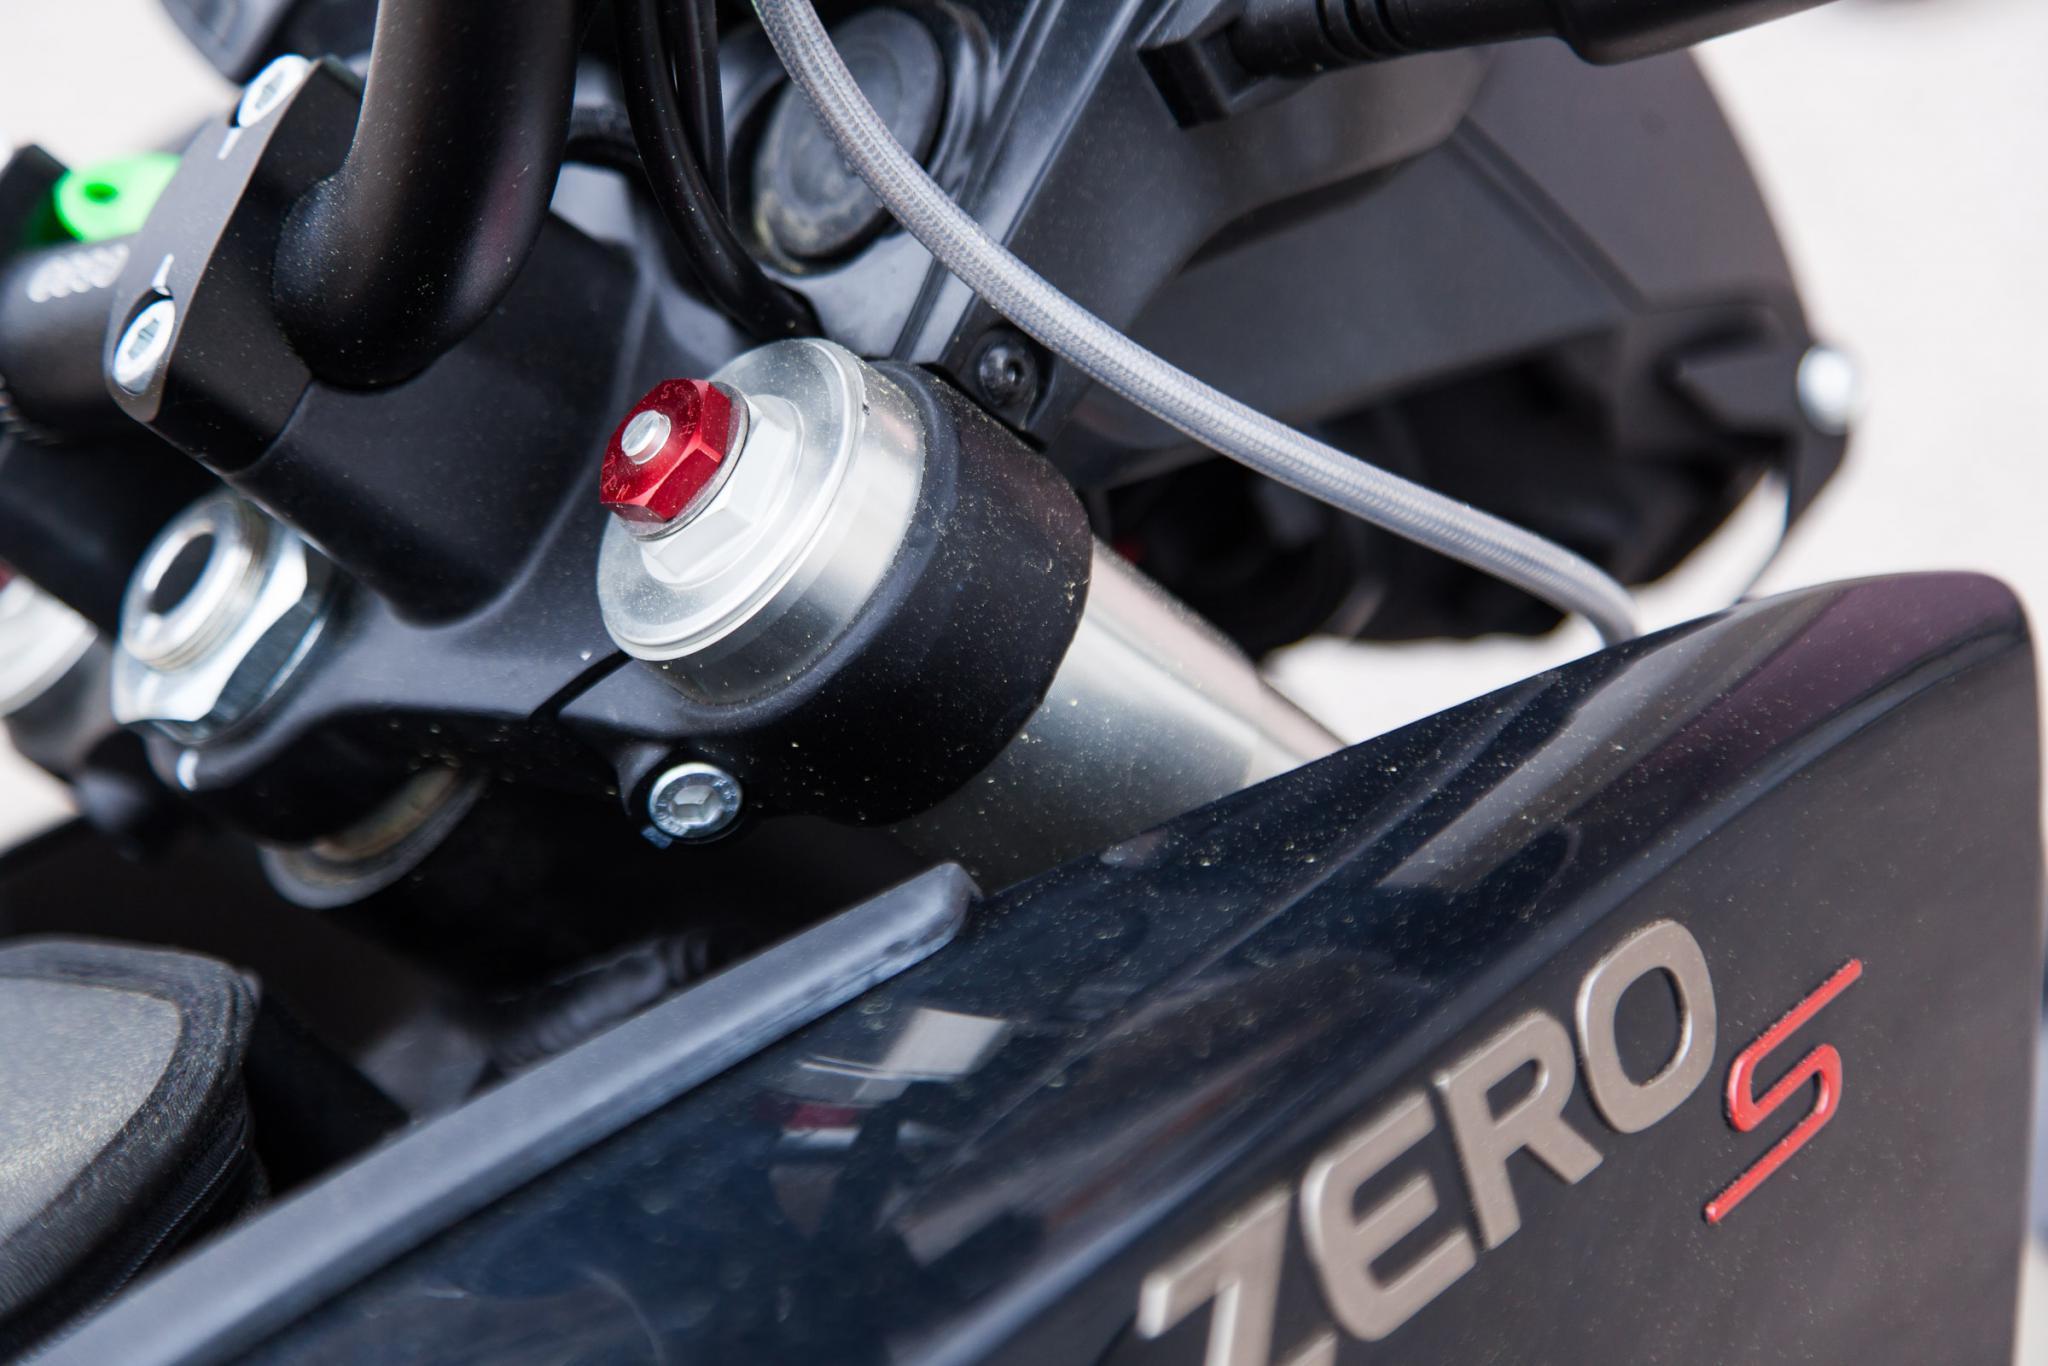 zero s elektromotorrad test motorrad fotos motorrad bilder. Black Bedroom Furniture Sets. Home Design Ideas